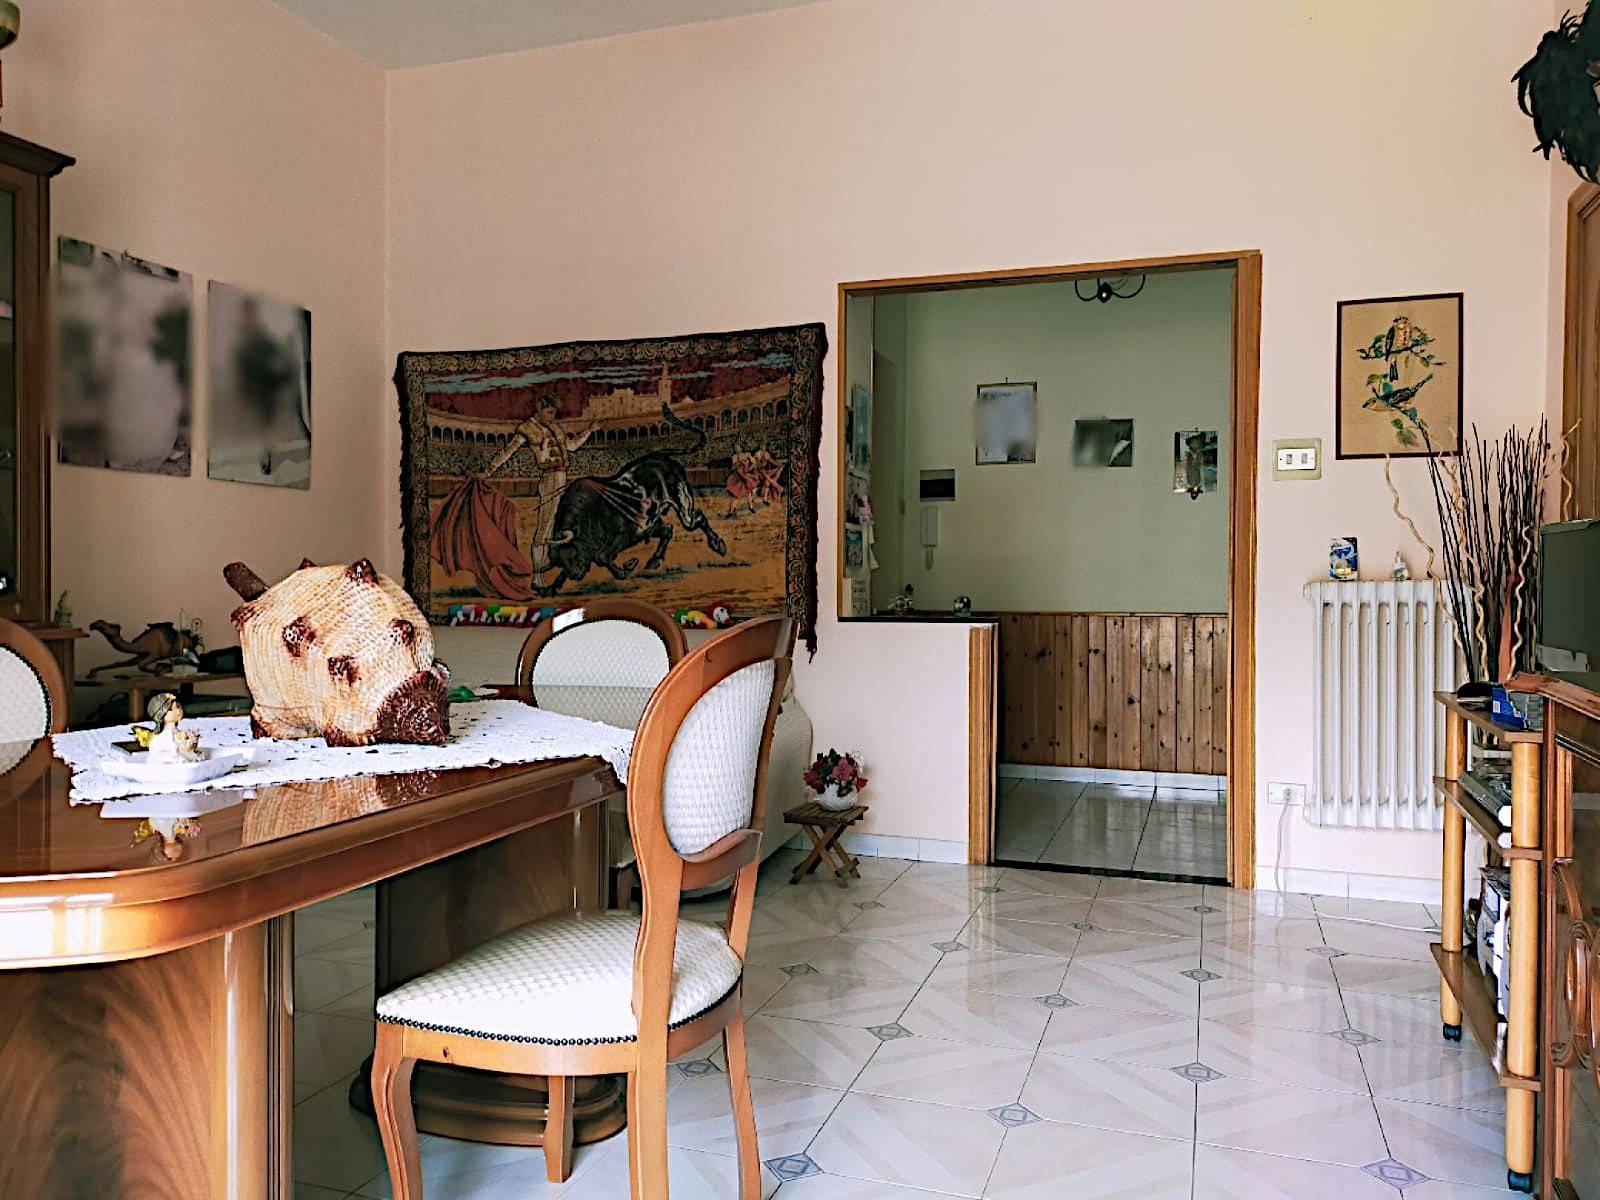 Appartamento in vendita a Lauro, 3 locali, prezzo € 95.000 | CambioCasa.it